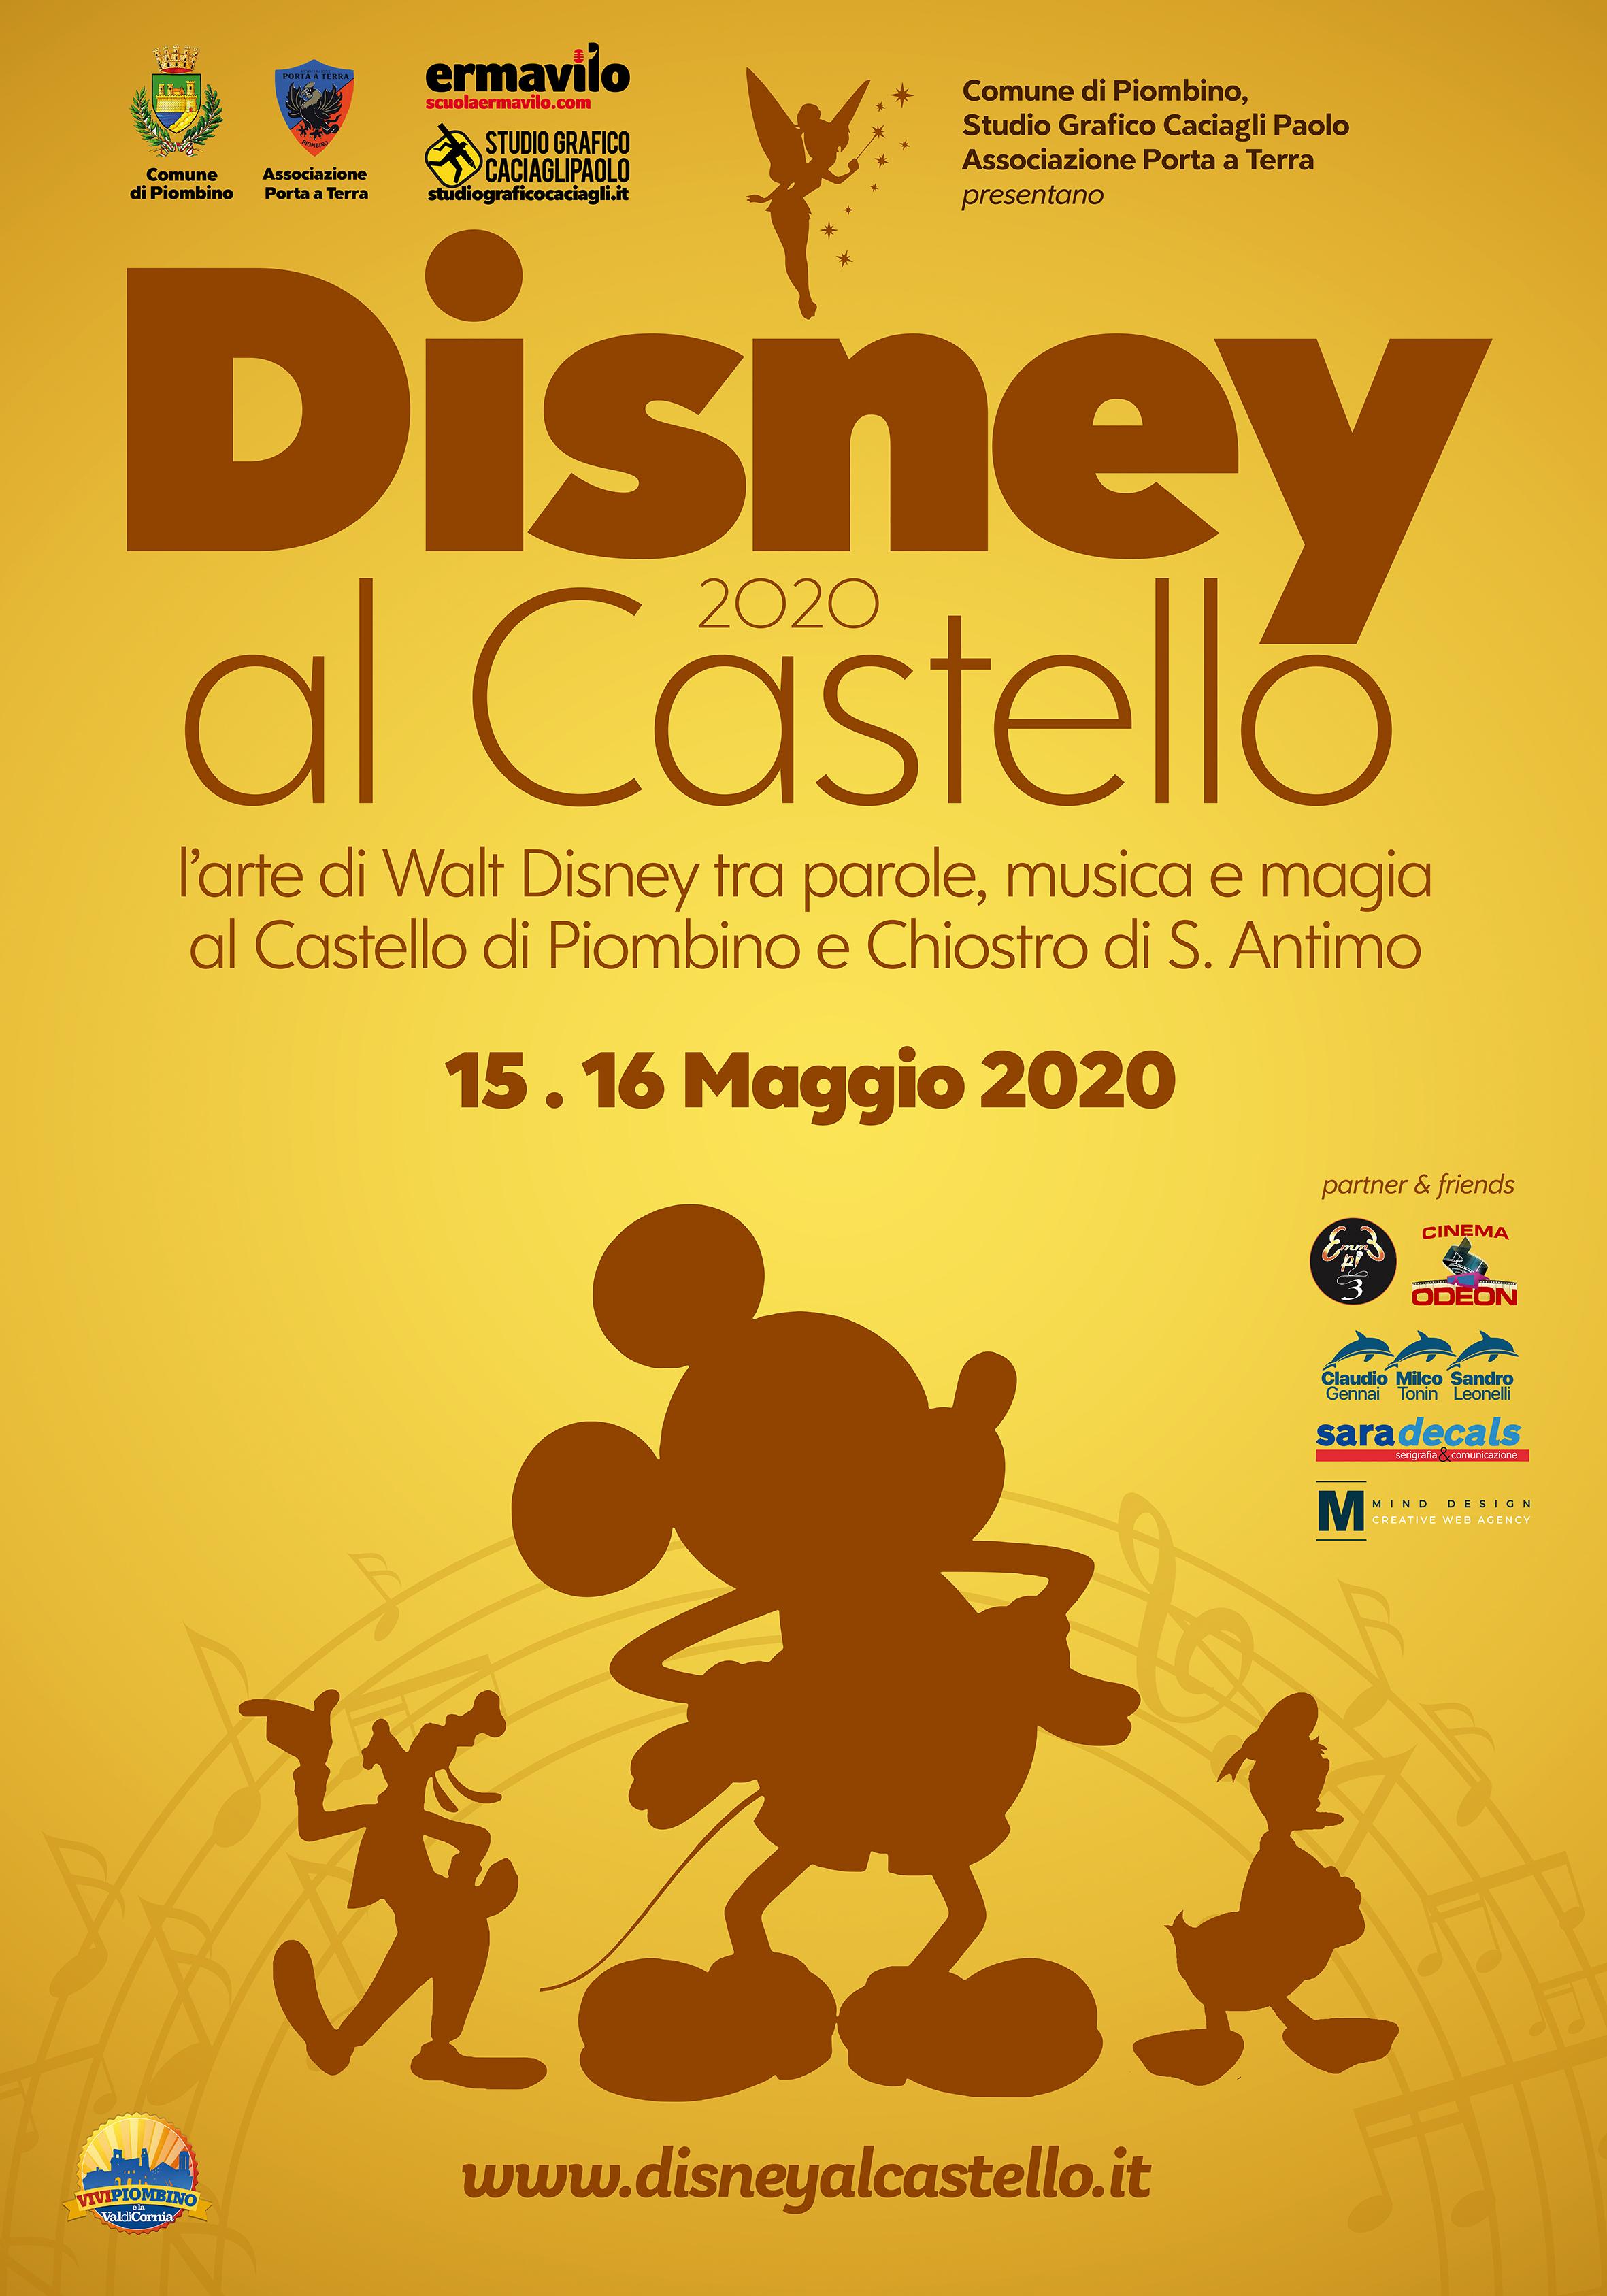 Disney al Castello 2020